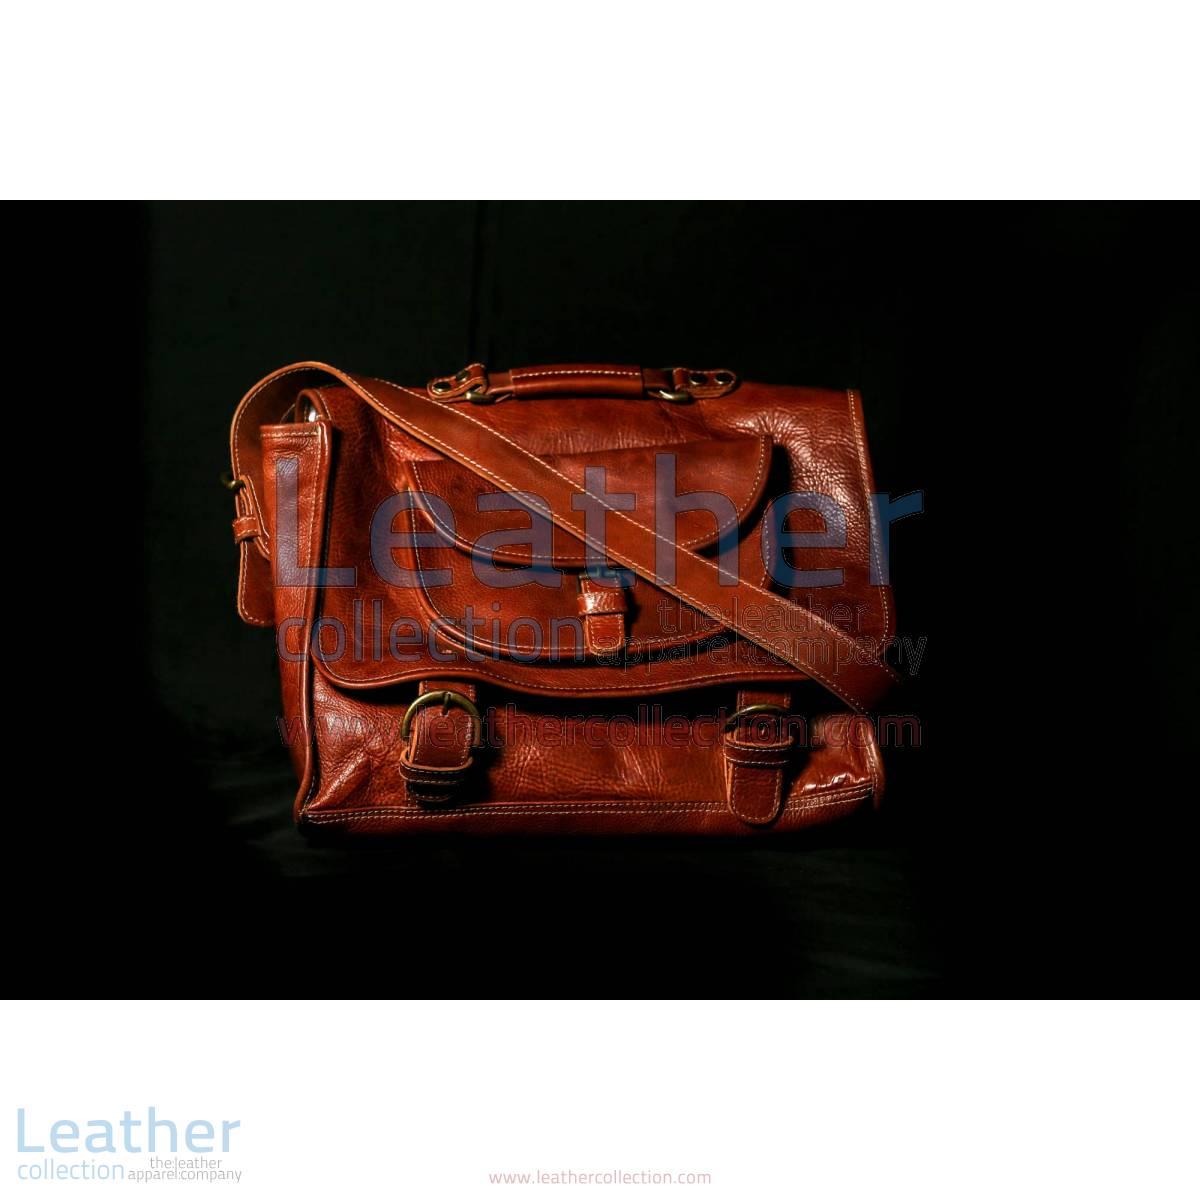 Leather Tour Bag | tour bag,leather bag